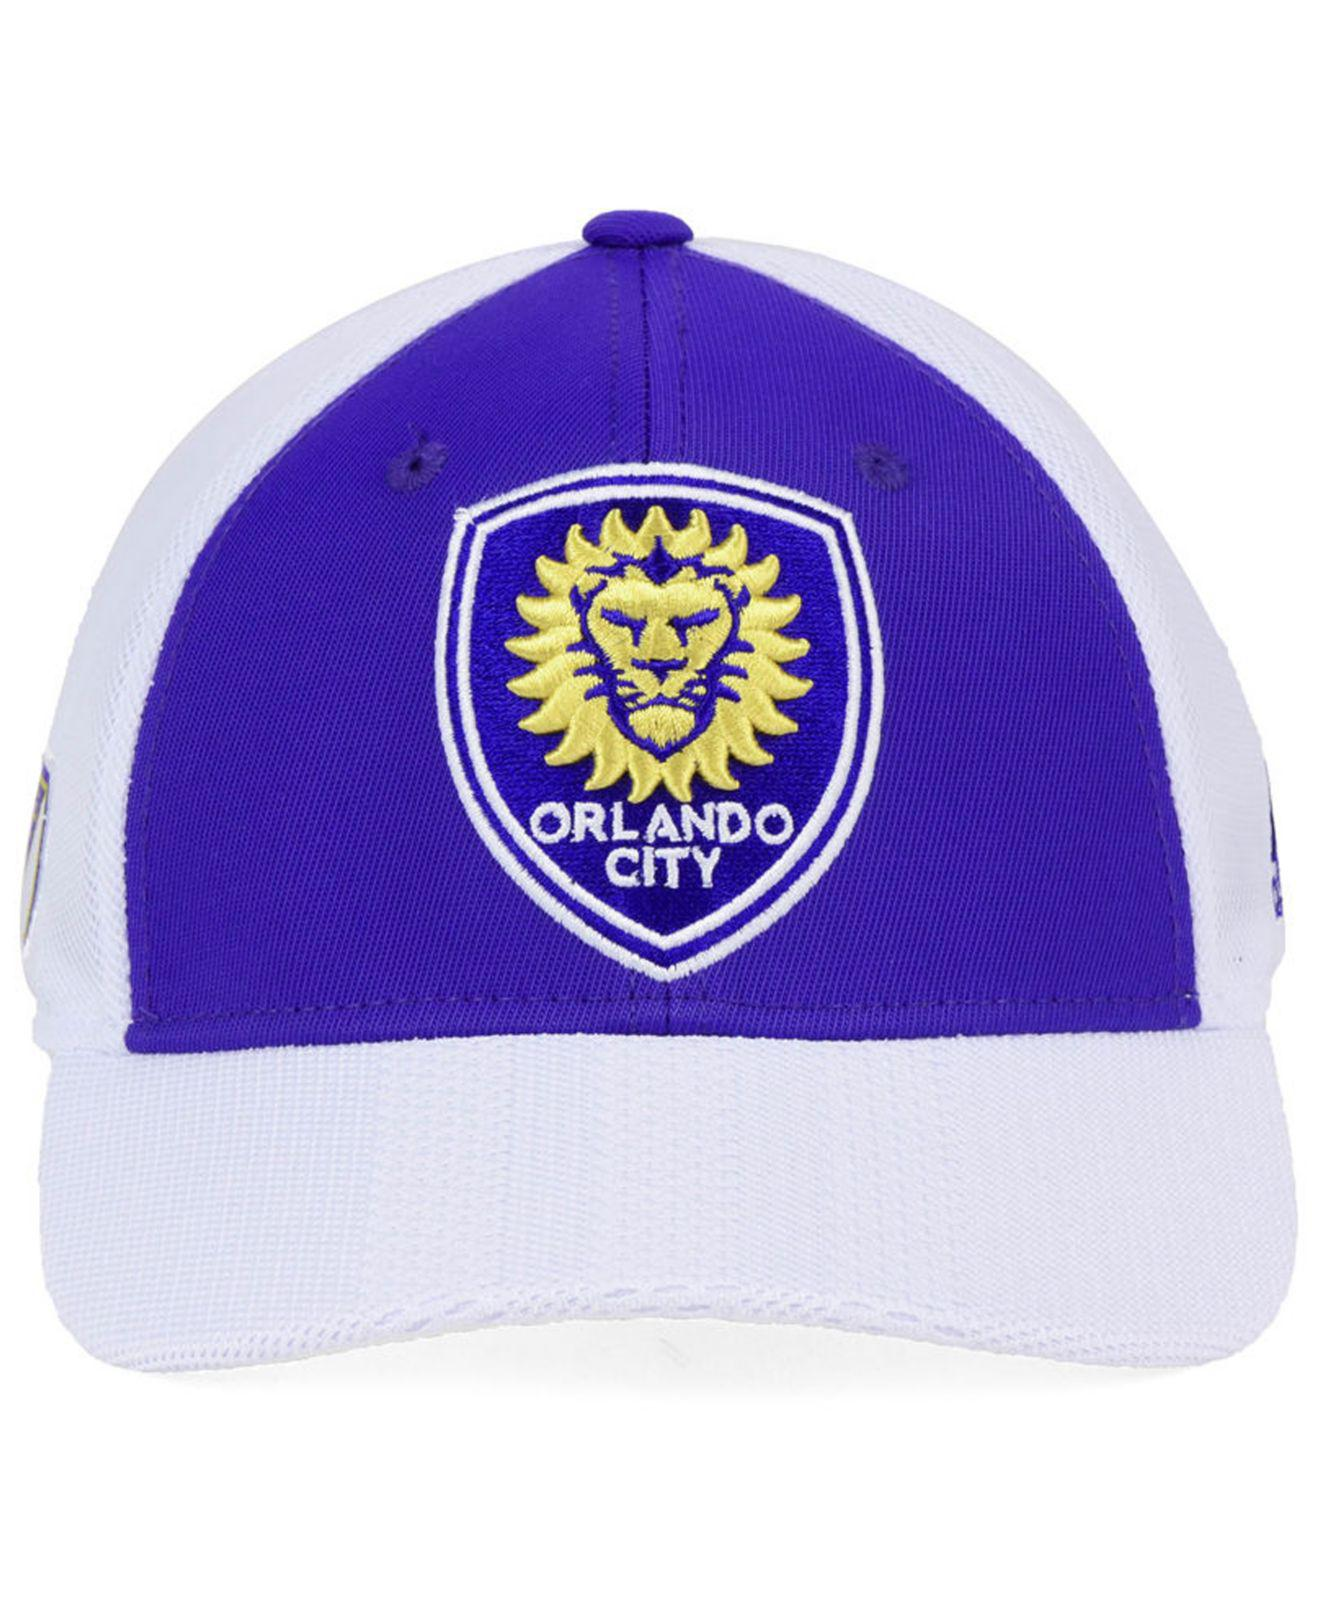 80f7c6038ed Lyst - adidas Orlando City Sc Authentic Mesh Adjustable Cap in Purple for  Men